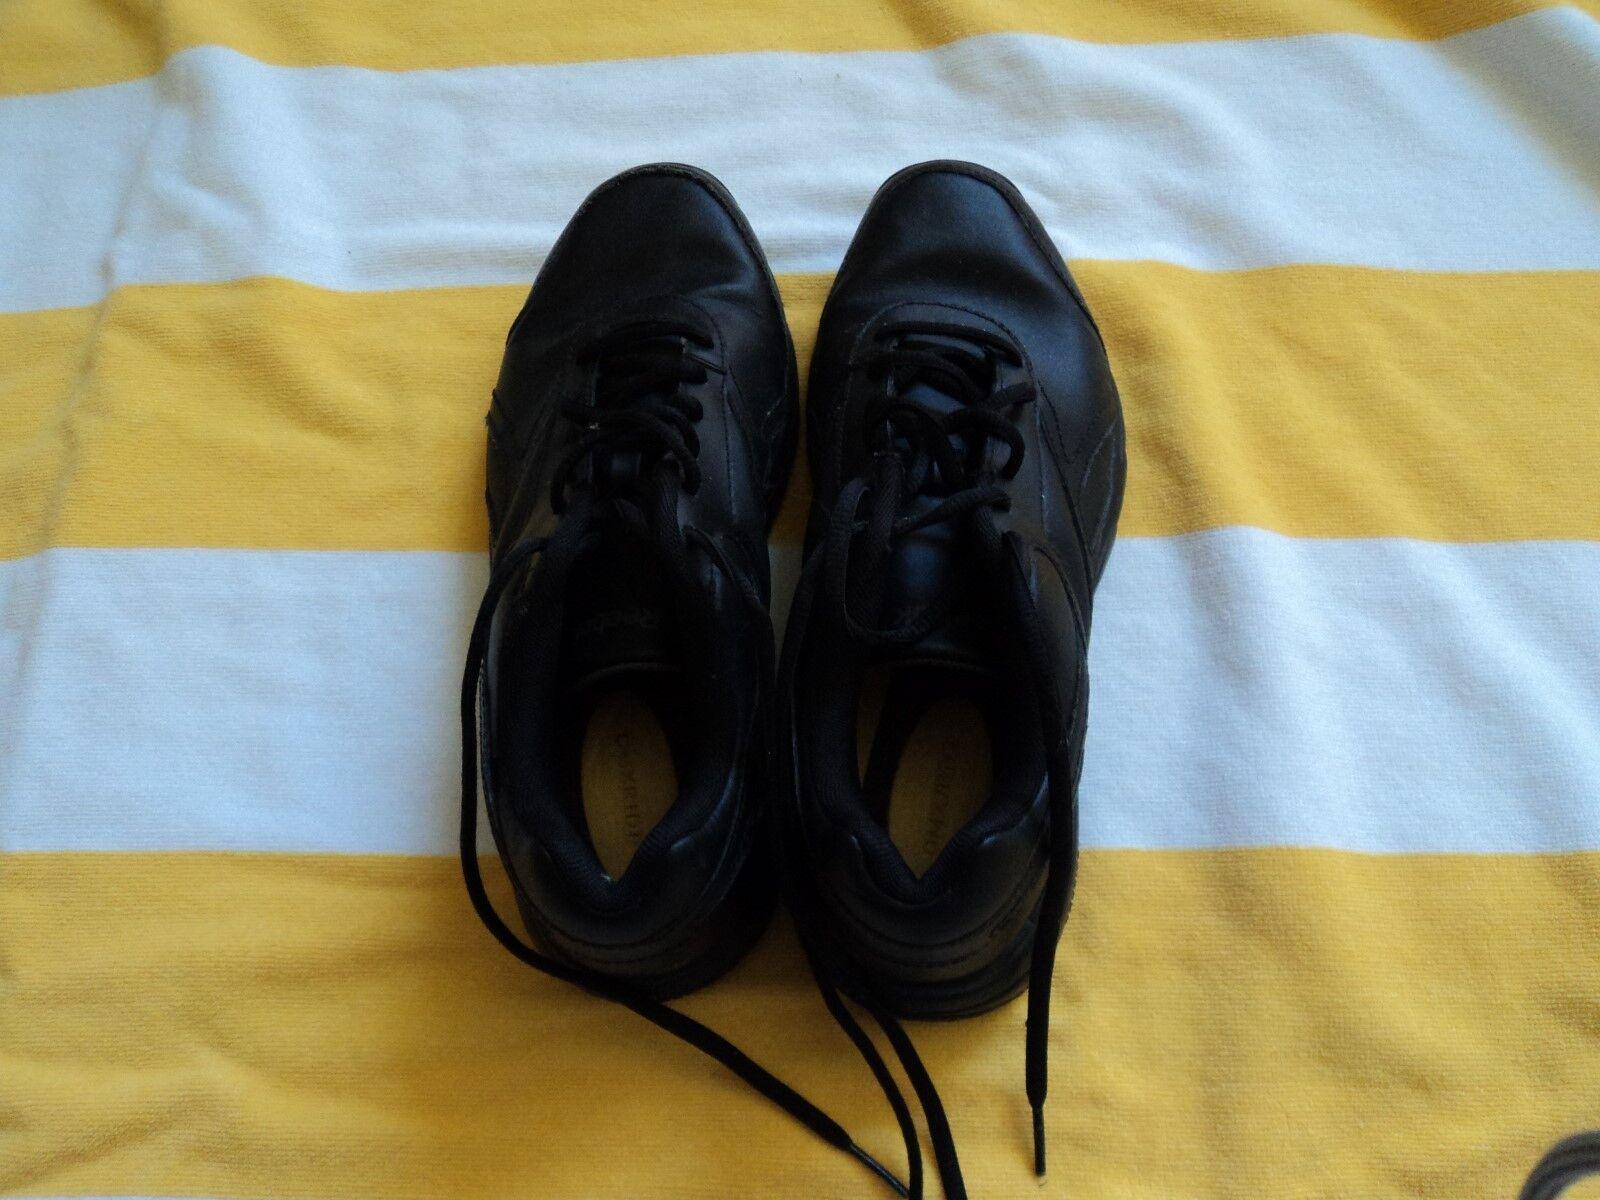 Negro zapatos para para para caminar Reebock. tamaño 8M Excelente Forma. OMX Ride aceite y Slip  muchas concesiones